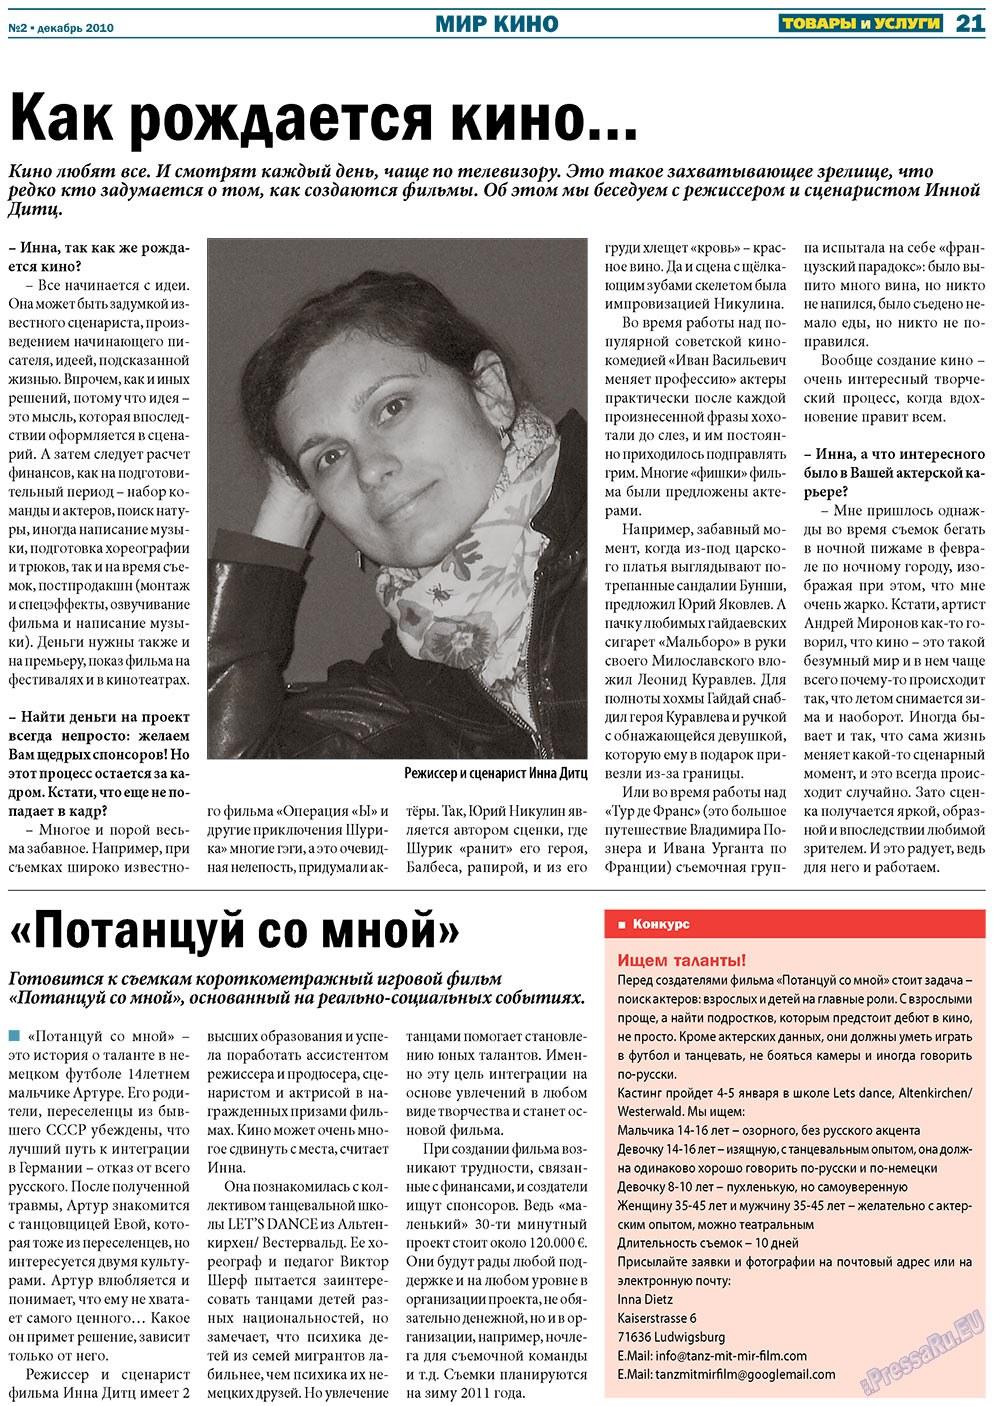 Товары и услуги (газета). 2010 год, номер 2, стр. 21